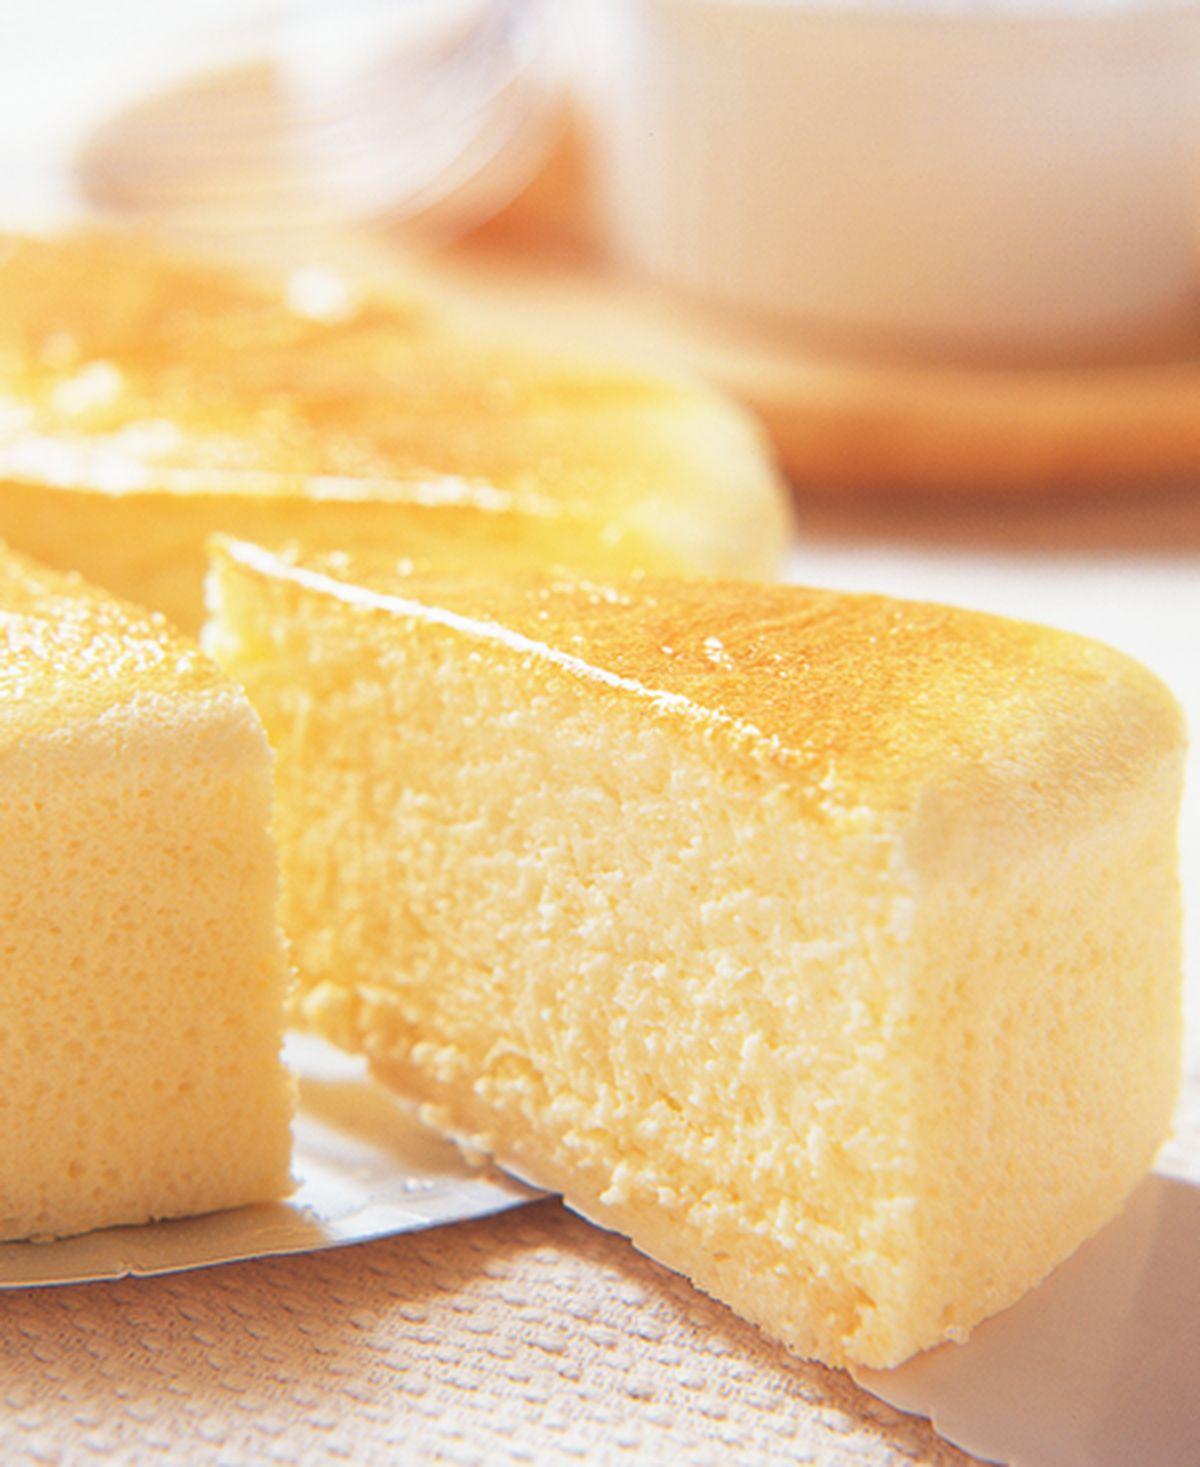 食譜:輕乳酪蛋糕